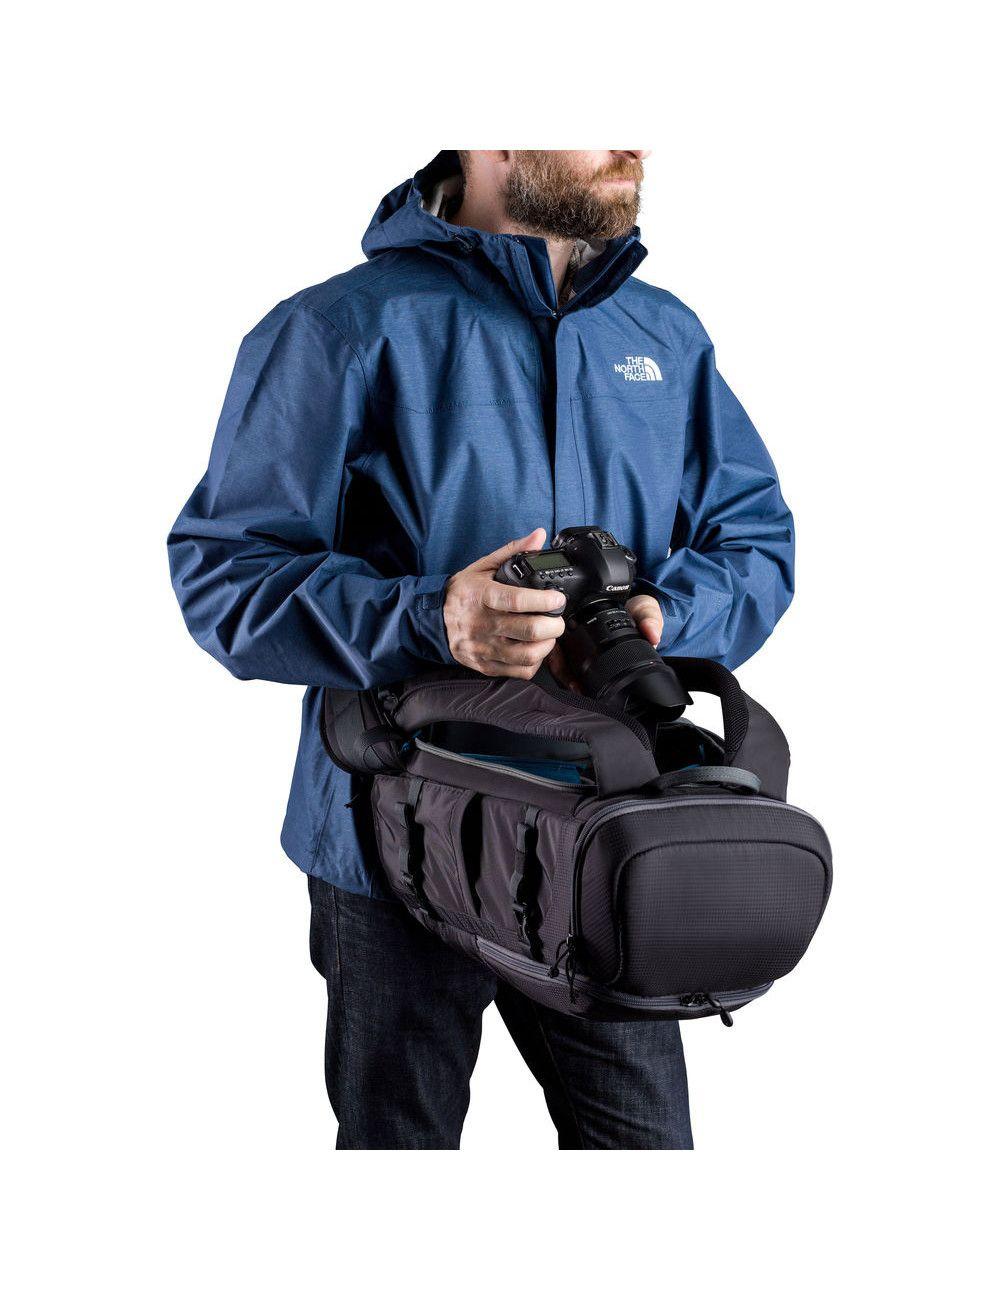 Flash Yongnuo YN860Li con batería recargable de Litio para Canon Nikon Sony Pentax Panasonic